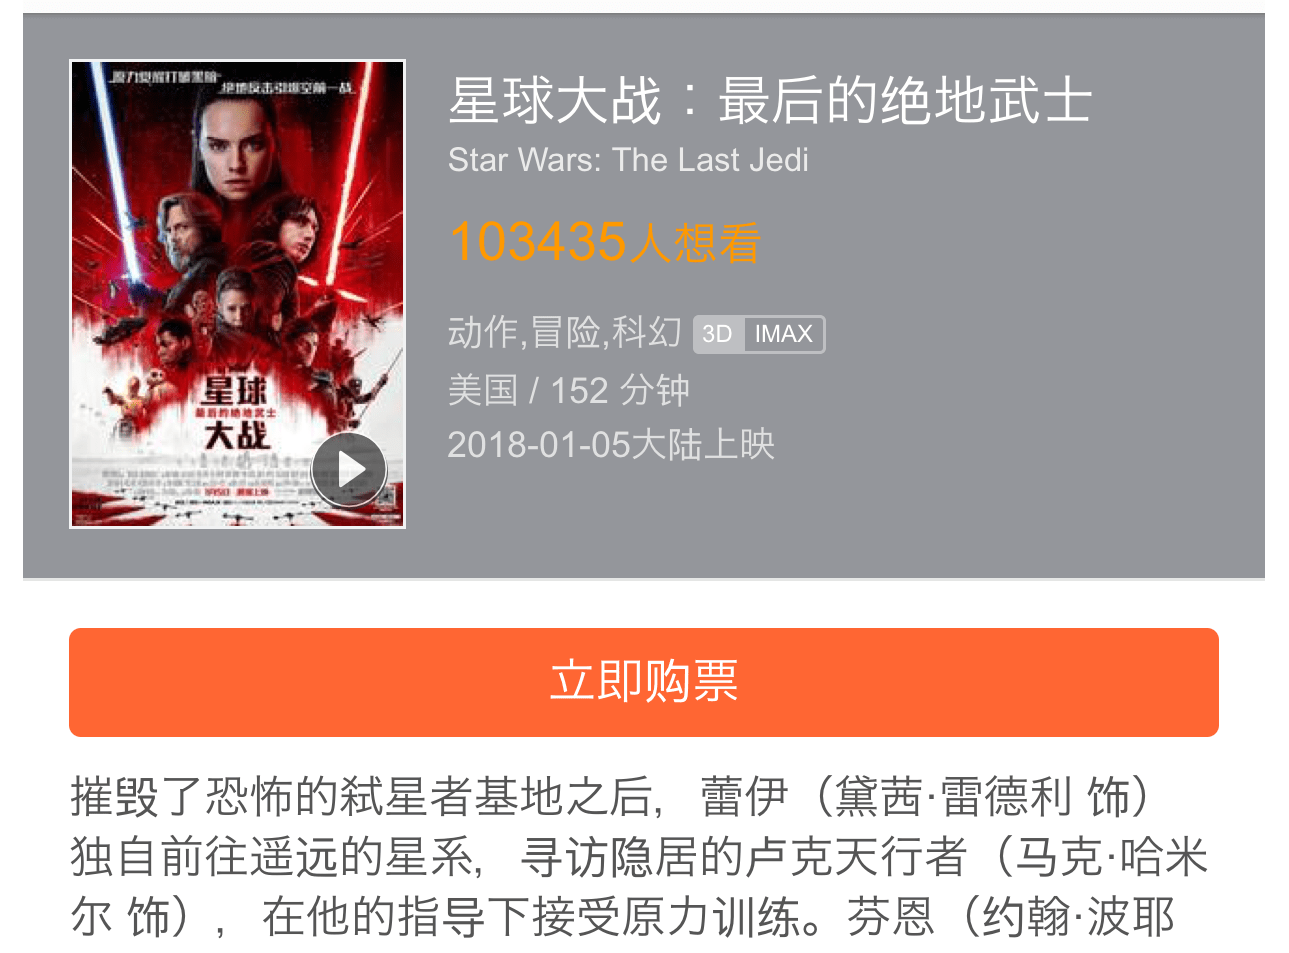 映画館の予約方法(「大众点评」アプリ)